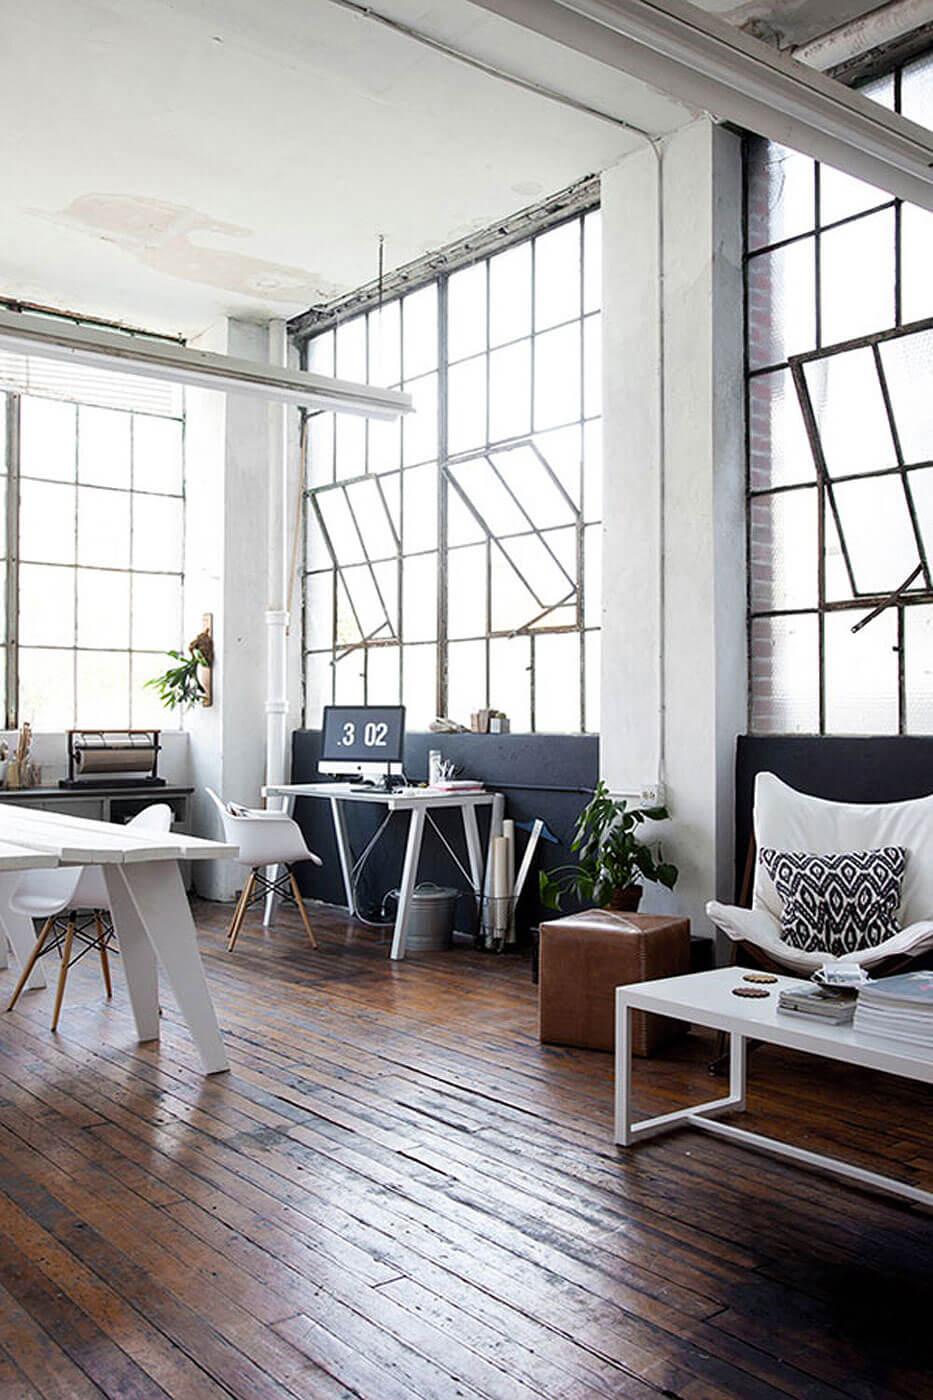 12 เทคนิคตกแต่งออฟฟิศเล็กให้ดูใหญ่ ถูกใจ SME และ home office 48 - Co-Working Space